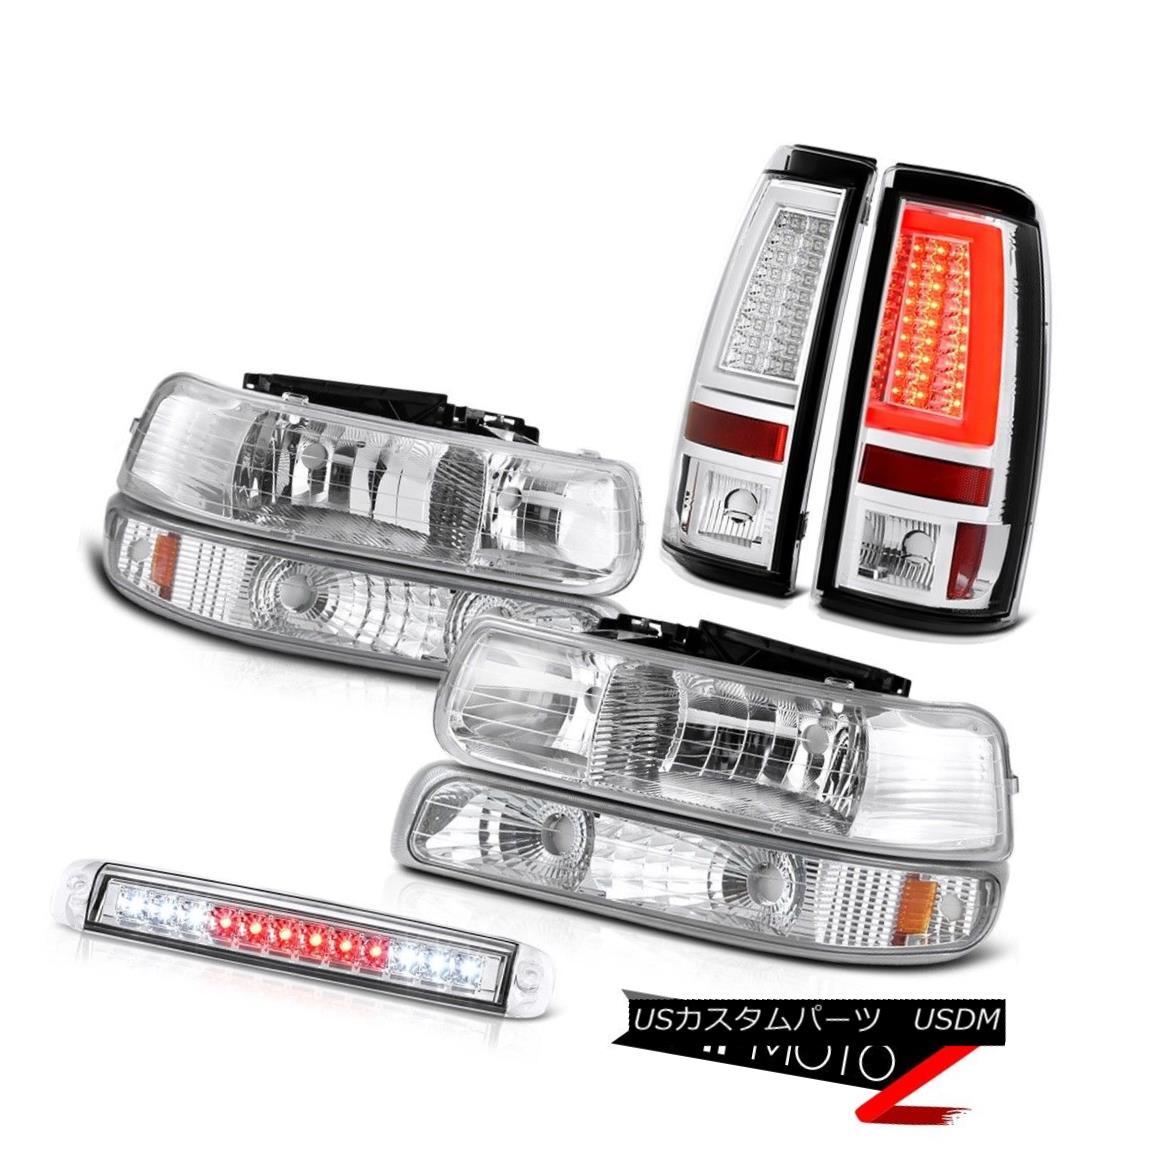 ヘッドライト 99-02 Silverado 1500 Rear Brake Lamps Roof Lamp Headlights Signal Lamp OE Style 99-02 Silverado 1500リアブレーキランプルーフランプヘッドライト信号ランプOEスタイル